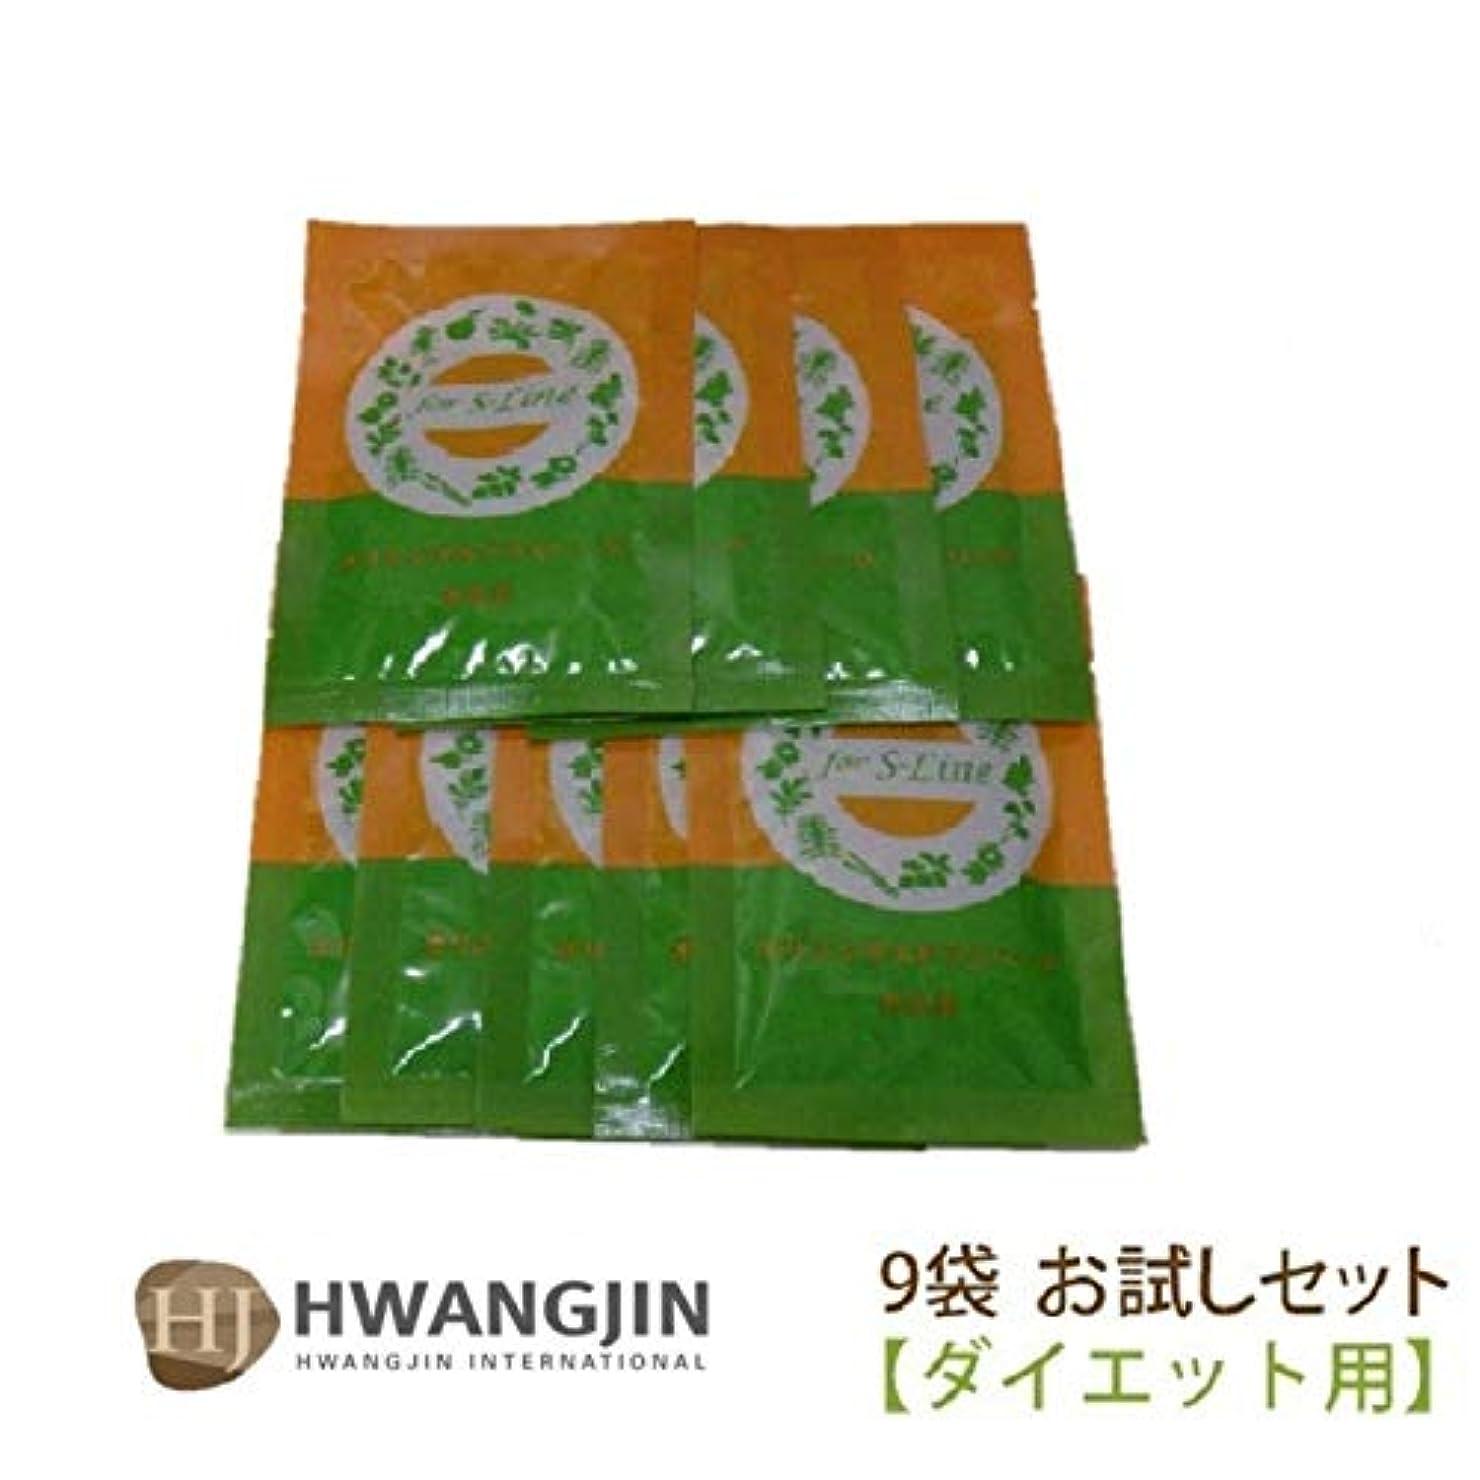 送る味わう動揺させるファンジン黄土 座浴剤 9袋 正規品 (S-Line (ダイエット用) 9袋)